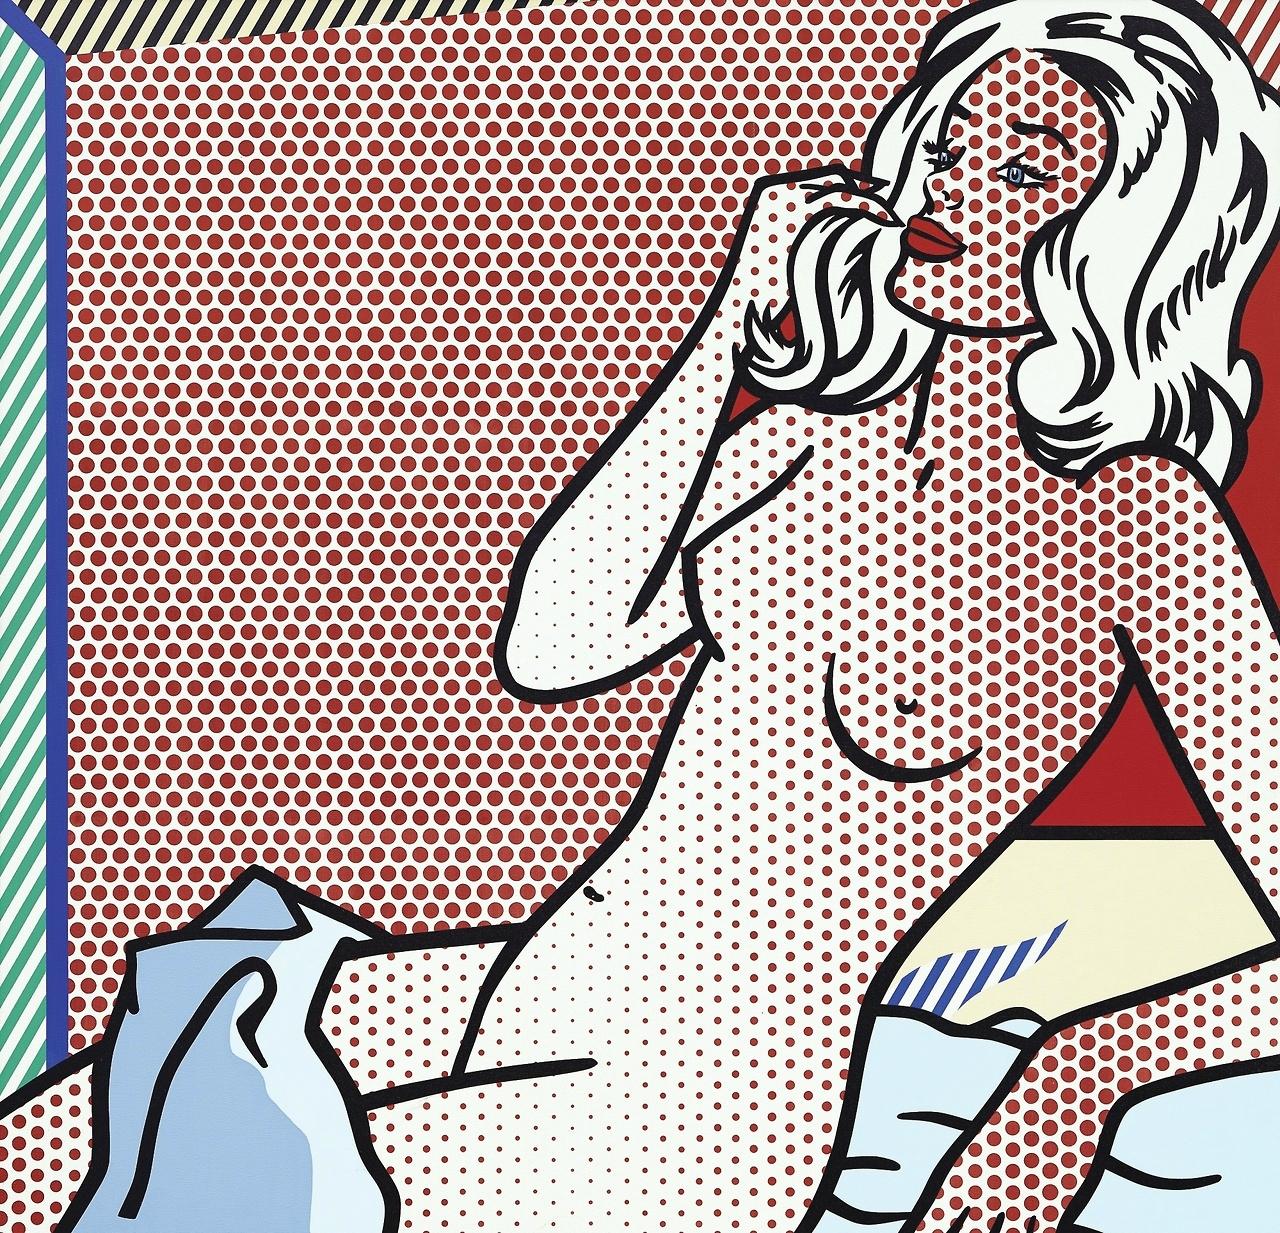 Roy Lichtenstein (1923 - 1997), Nude Sunbathing